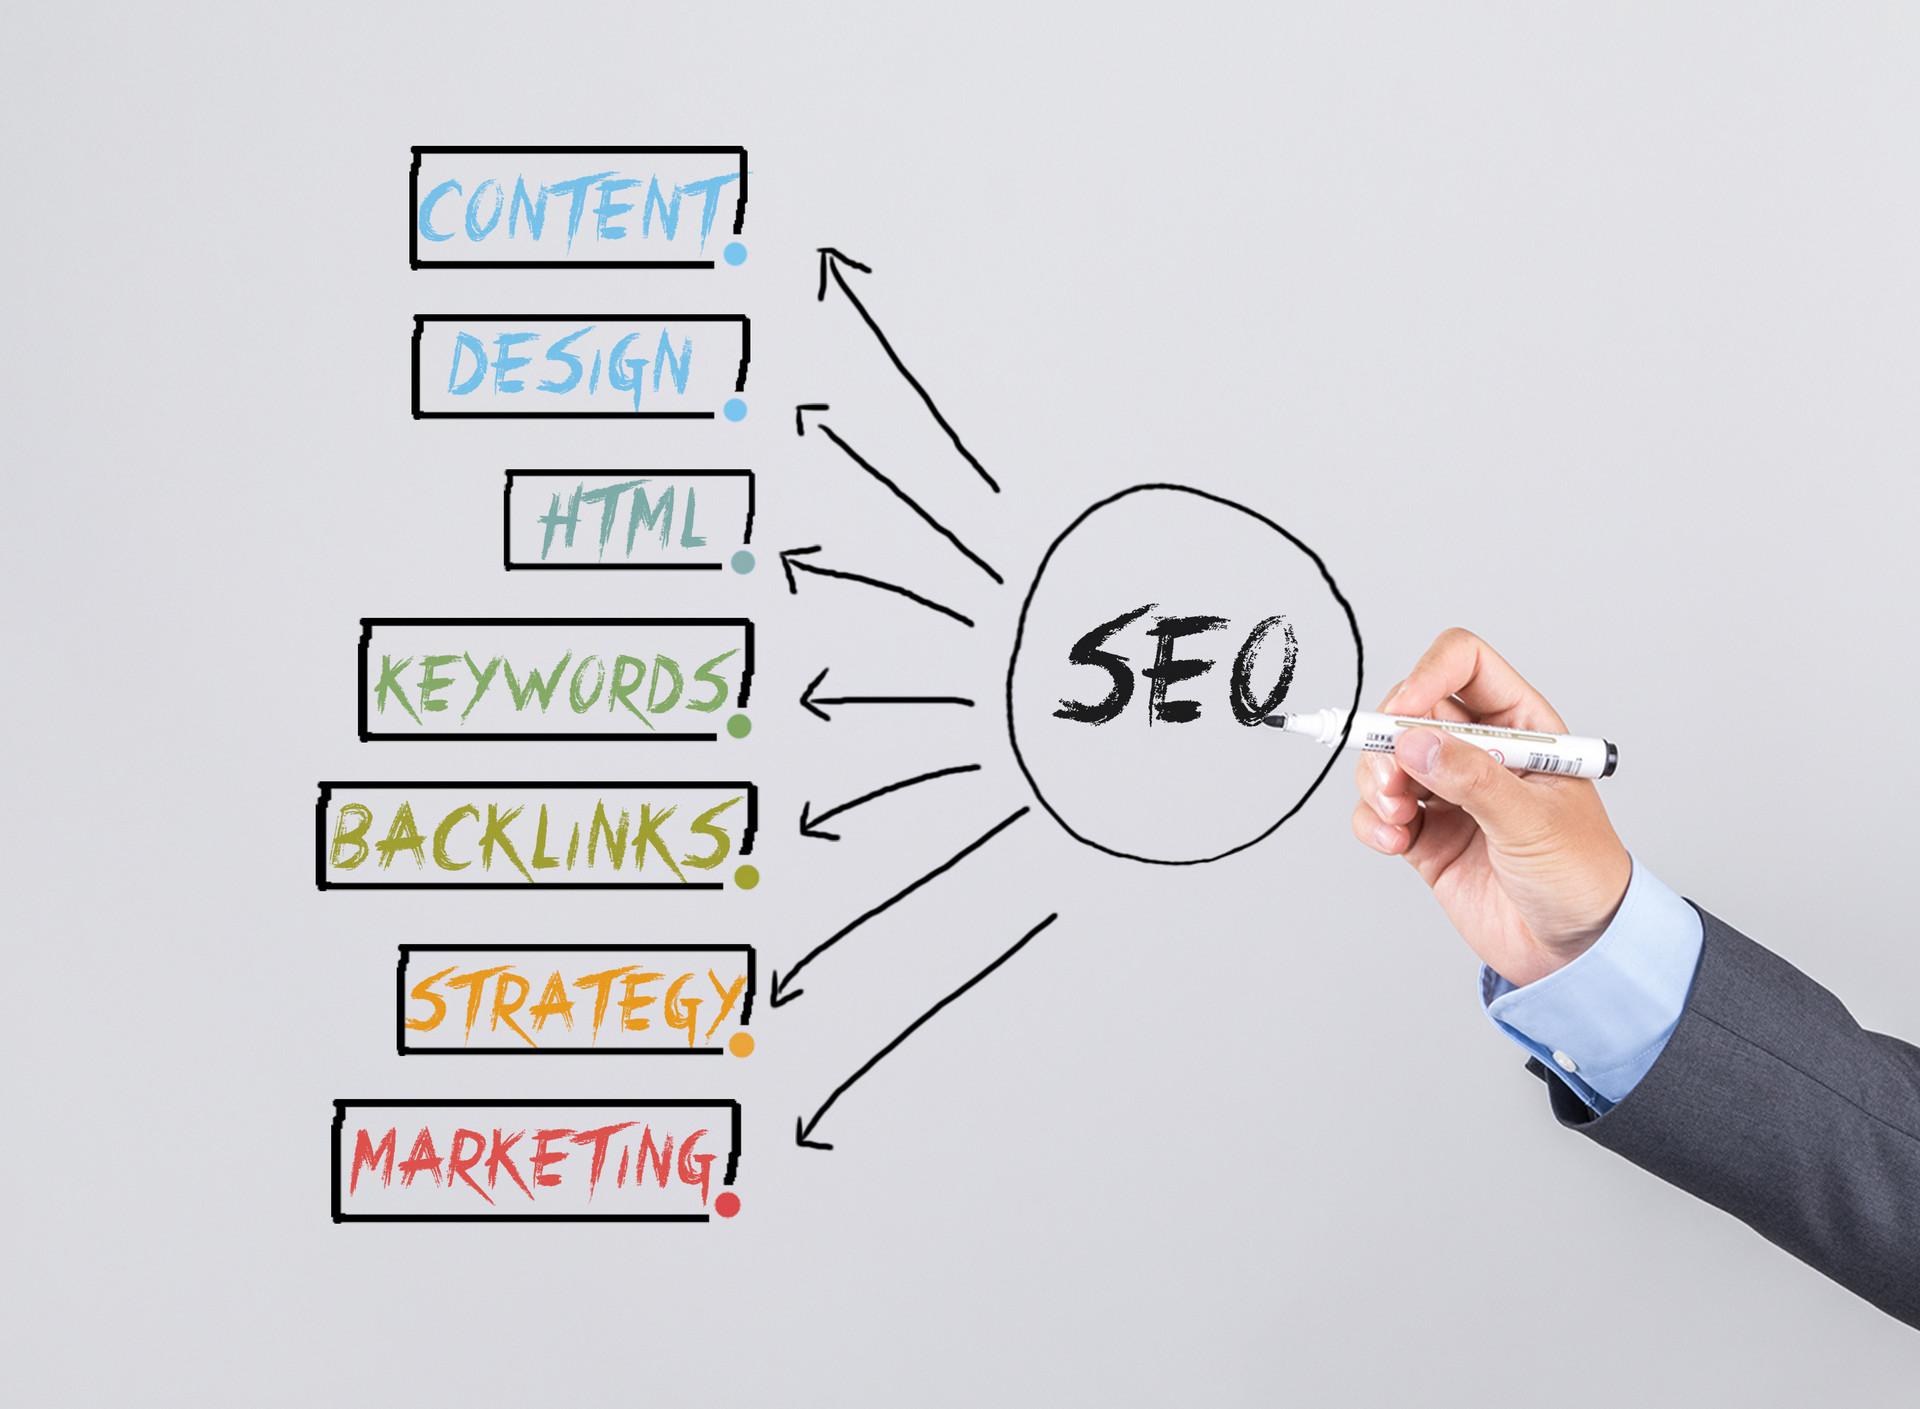 怎样做好网站开发和SEO优化,快速获取百度排名?